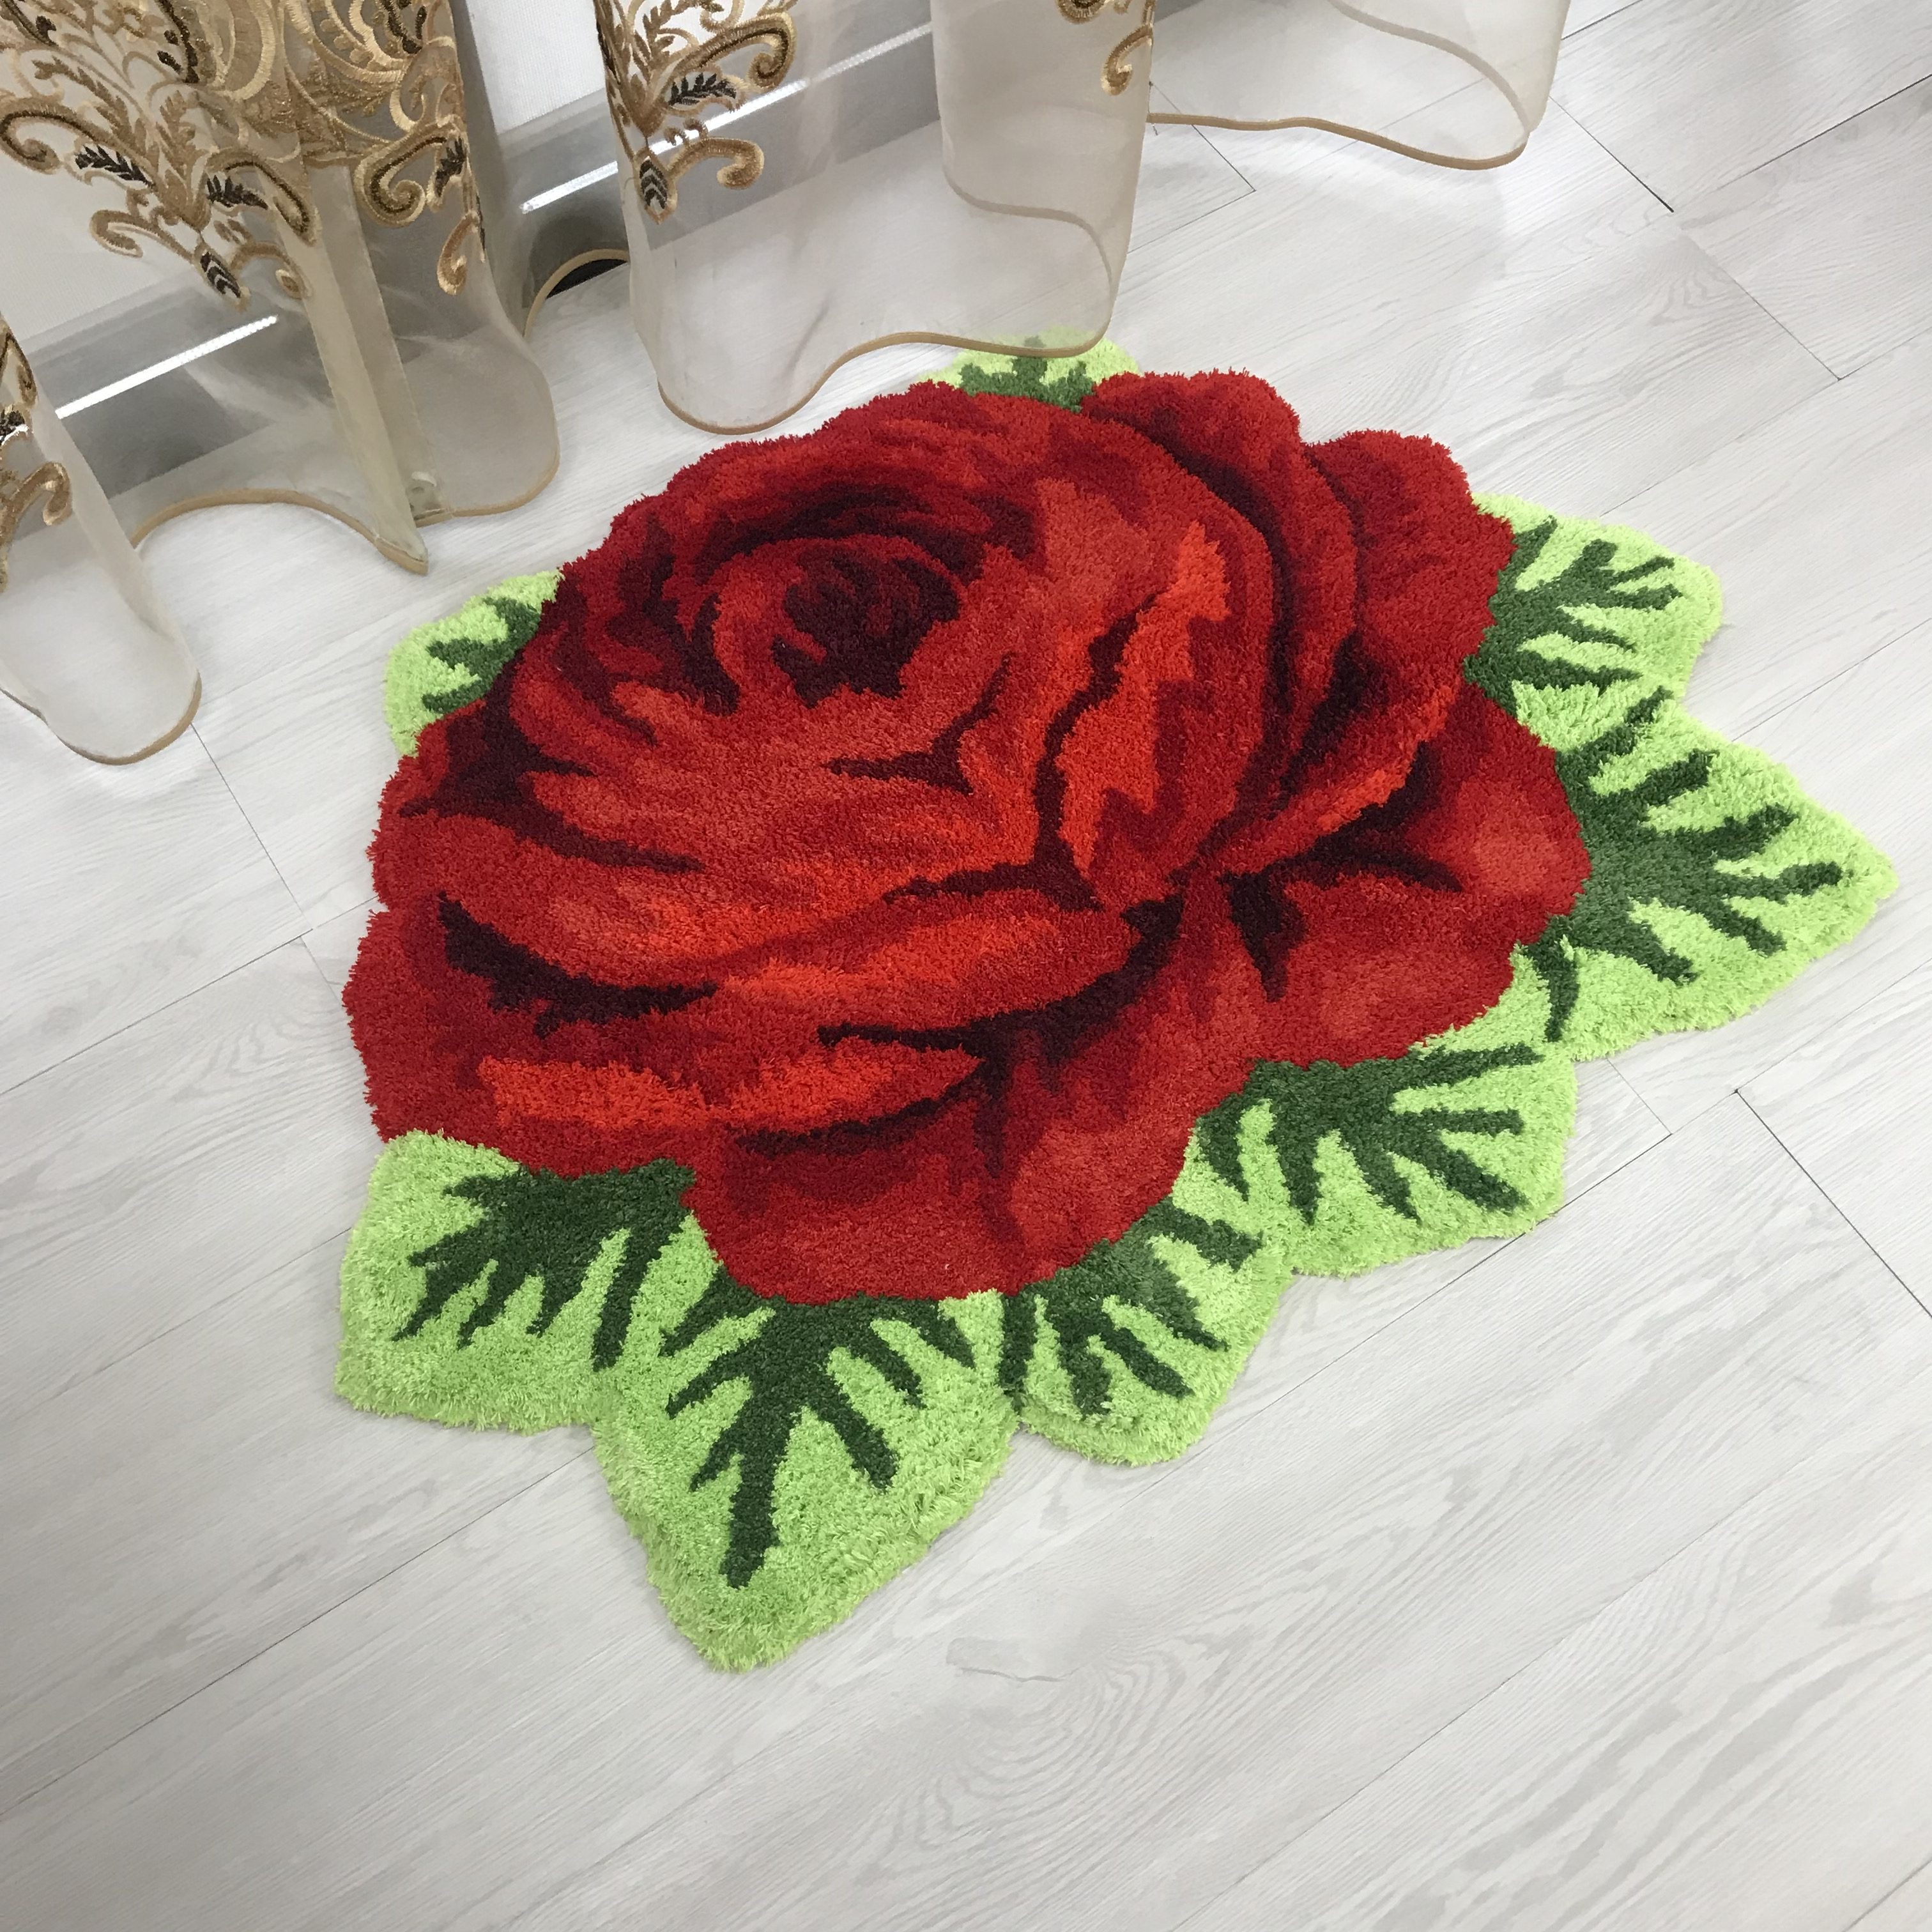 New Arrival Free Shipping Red Rose Shape Anti-slip Rug Art Rug Rose Carpet 70*60cm